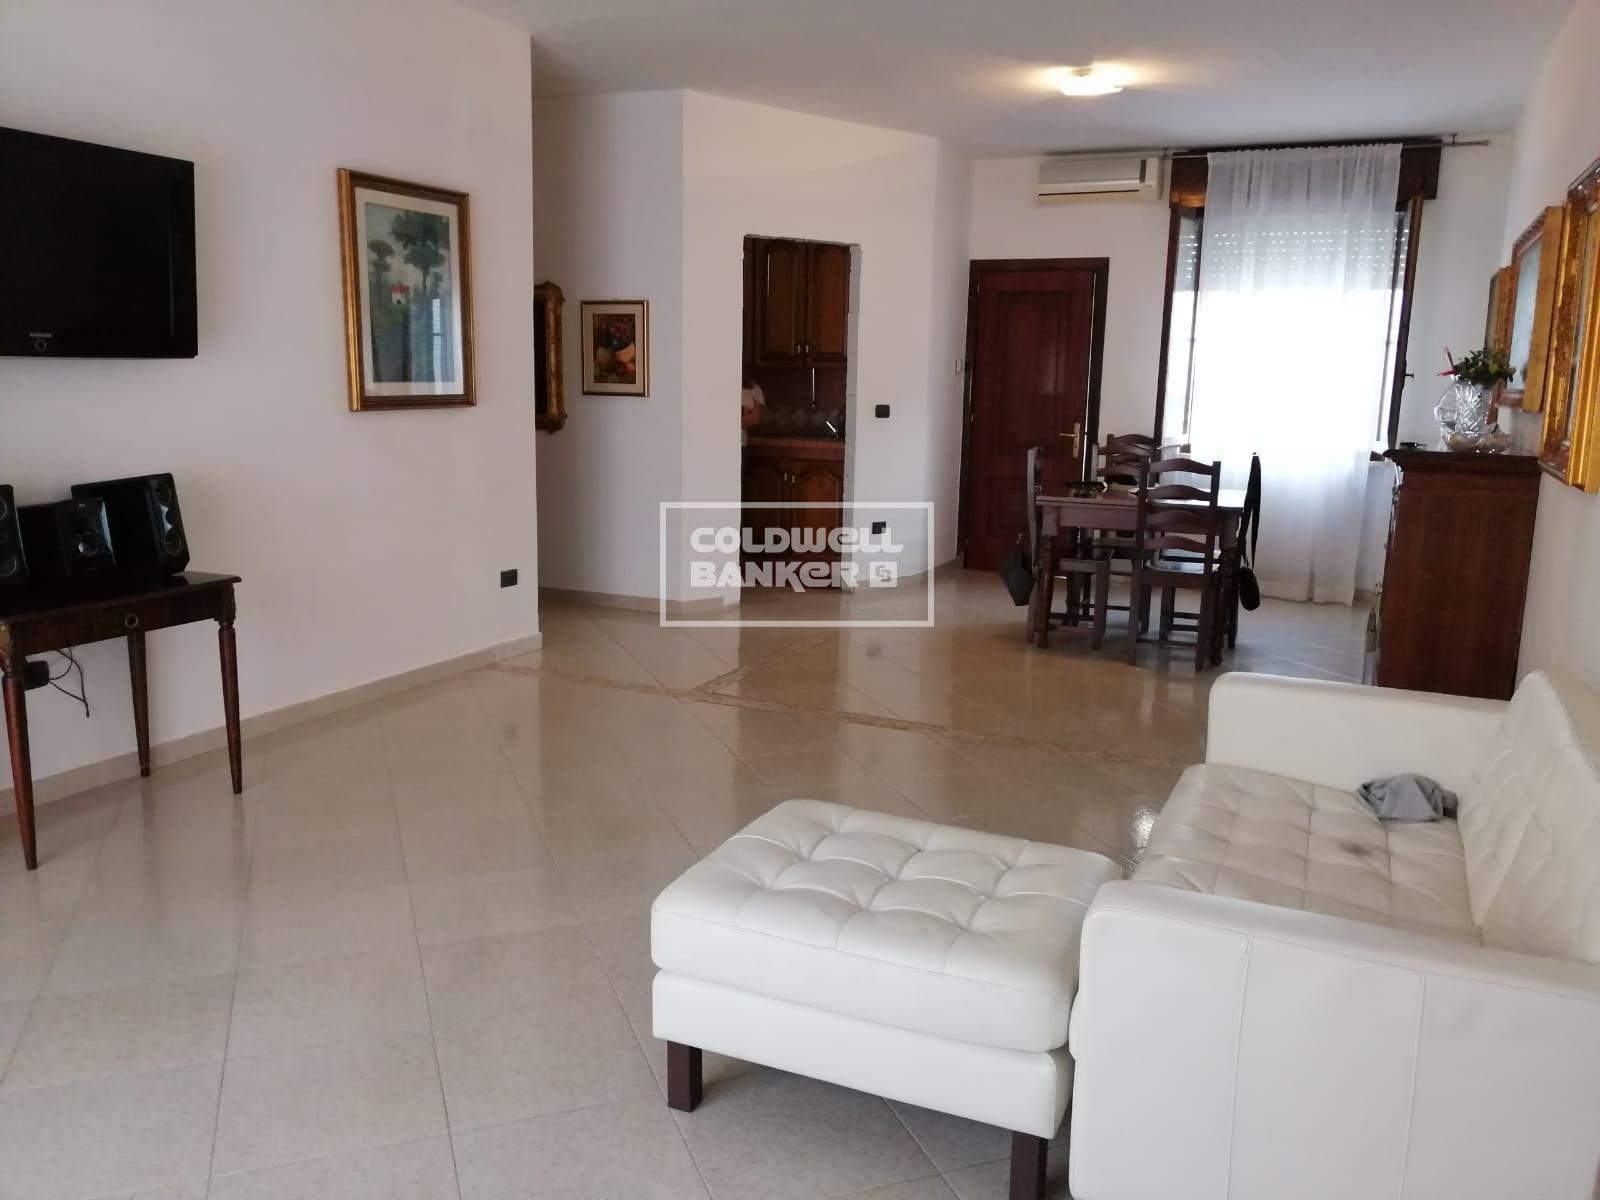 Appartamento in vendita Cappuccini-va Udine Brindisi